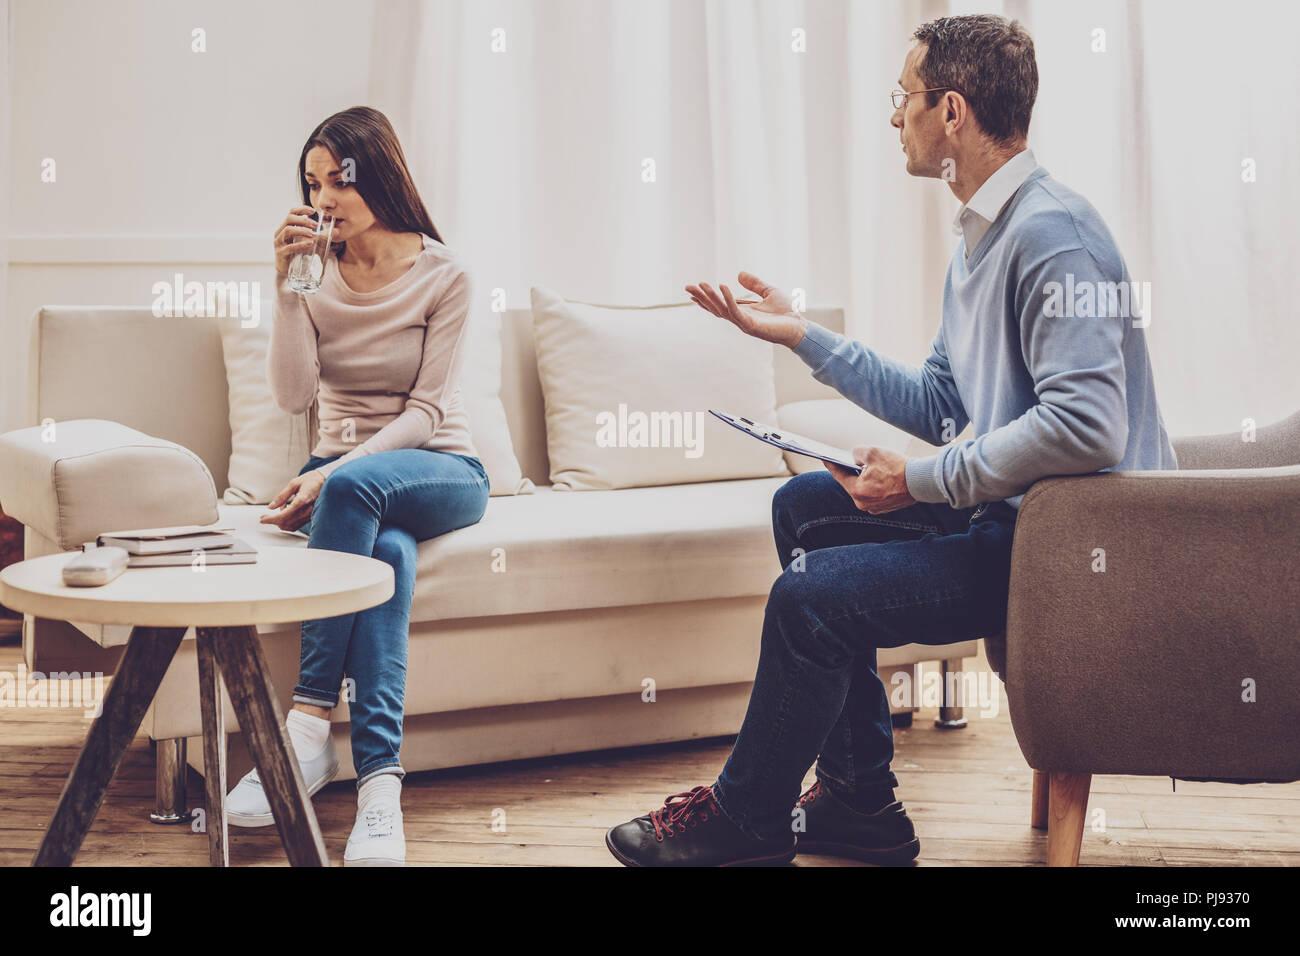 Professionelle männlichen Therapeut seinen Patienten helfen Stockbild